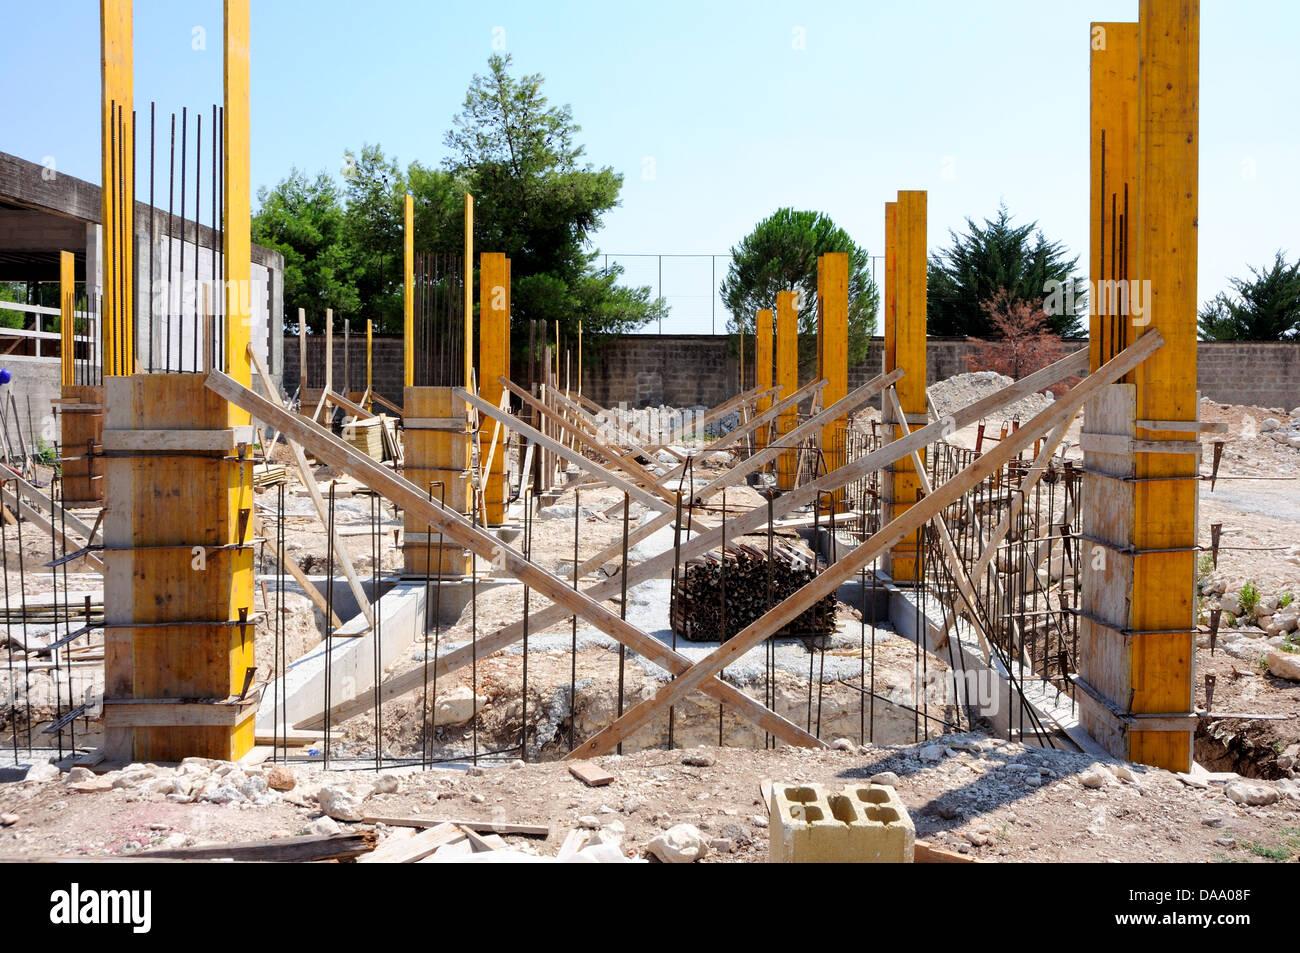 Baustelle - Zimmerei Betonkonstruktion Schalung Stockfoto, Bild ...